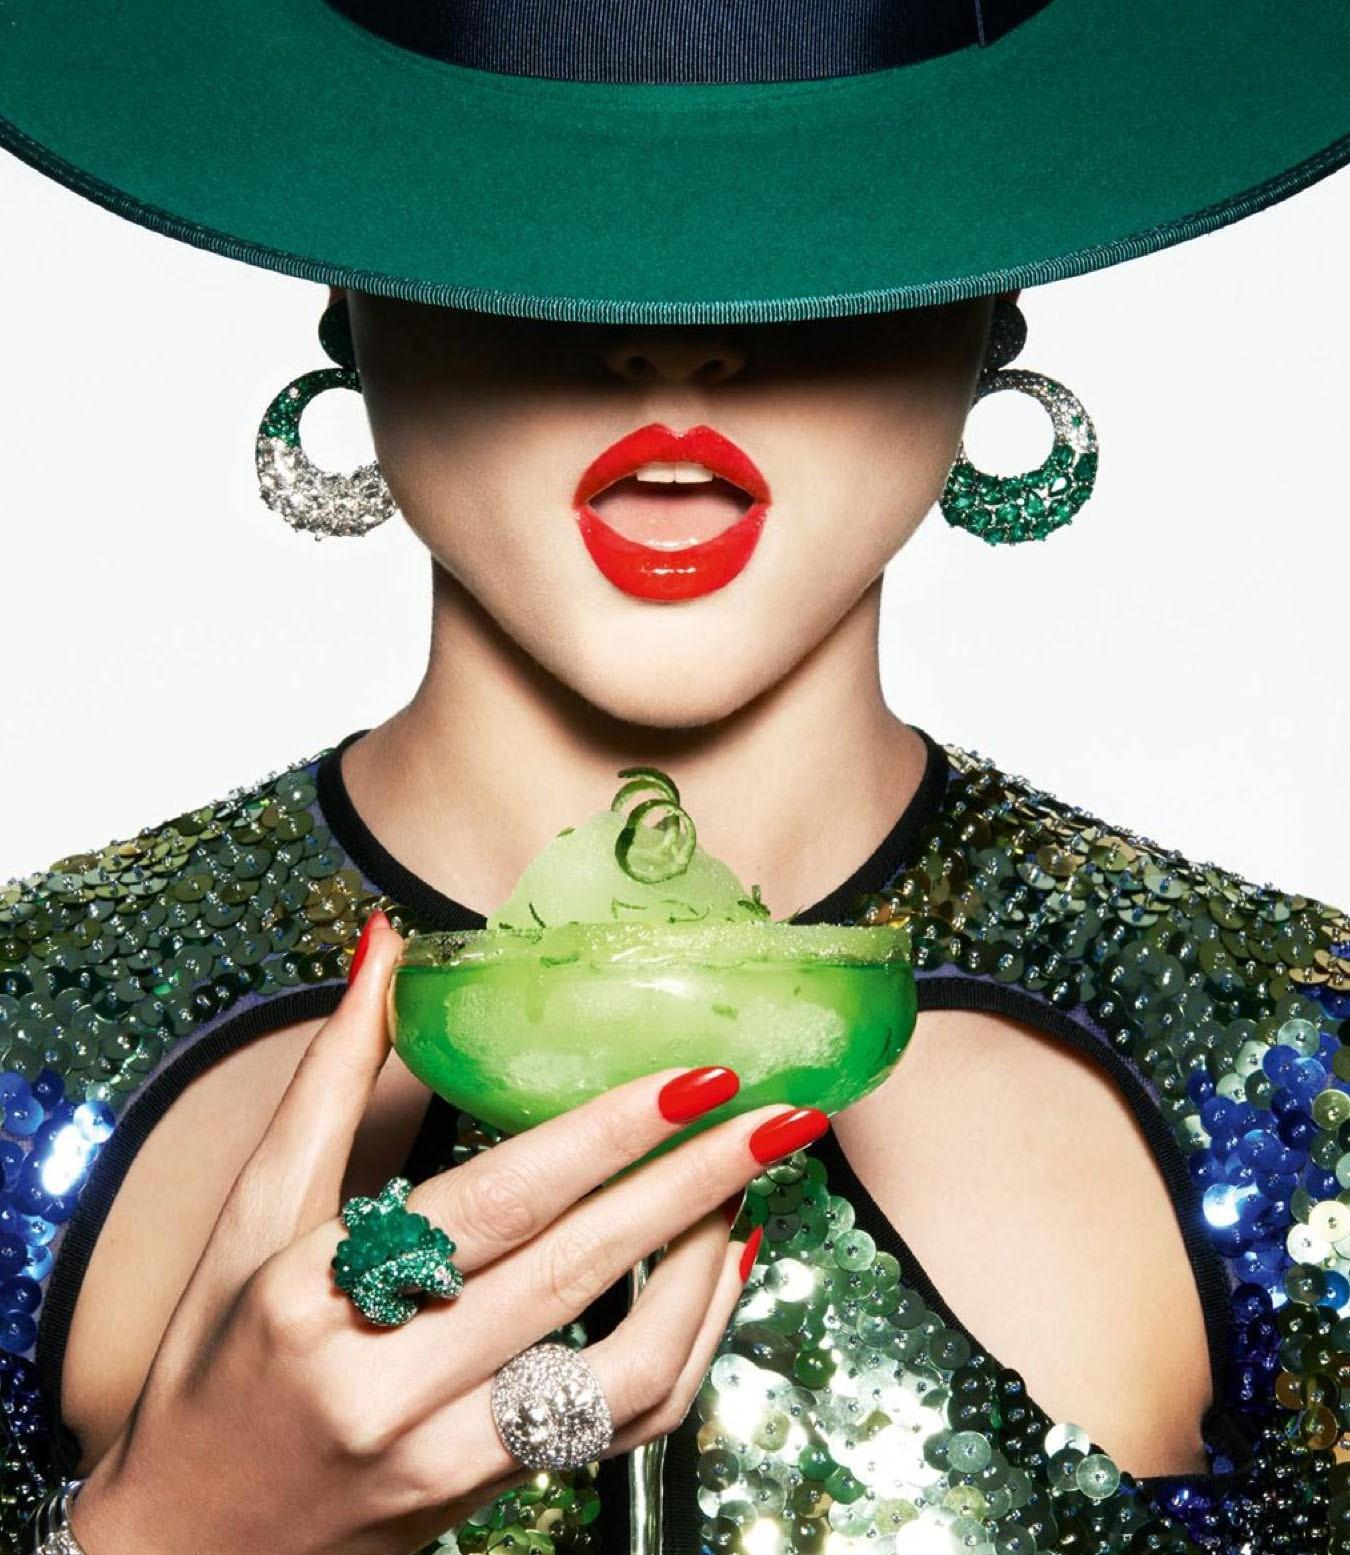 Dieta à prova de festas: drinques para curtir o fim do ano sem peso extra